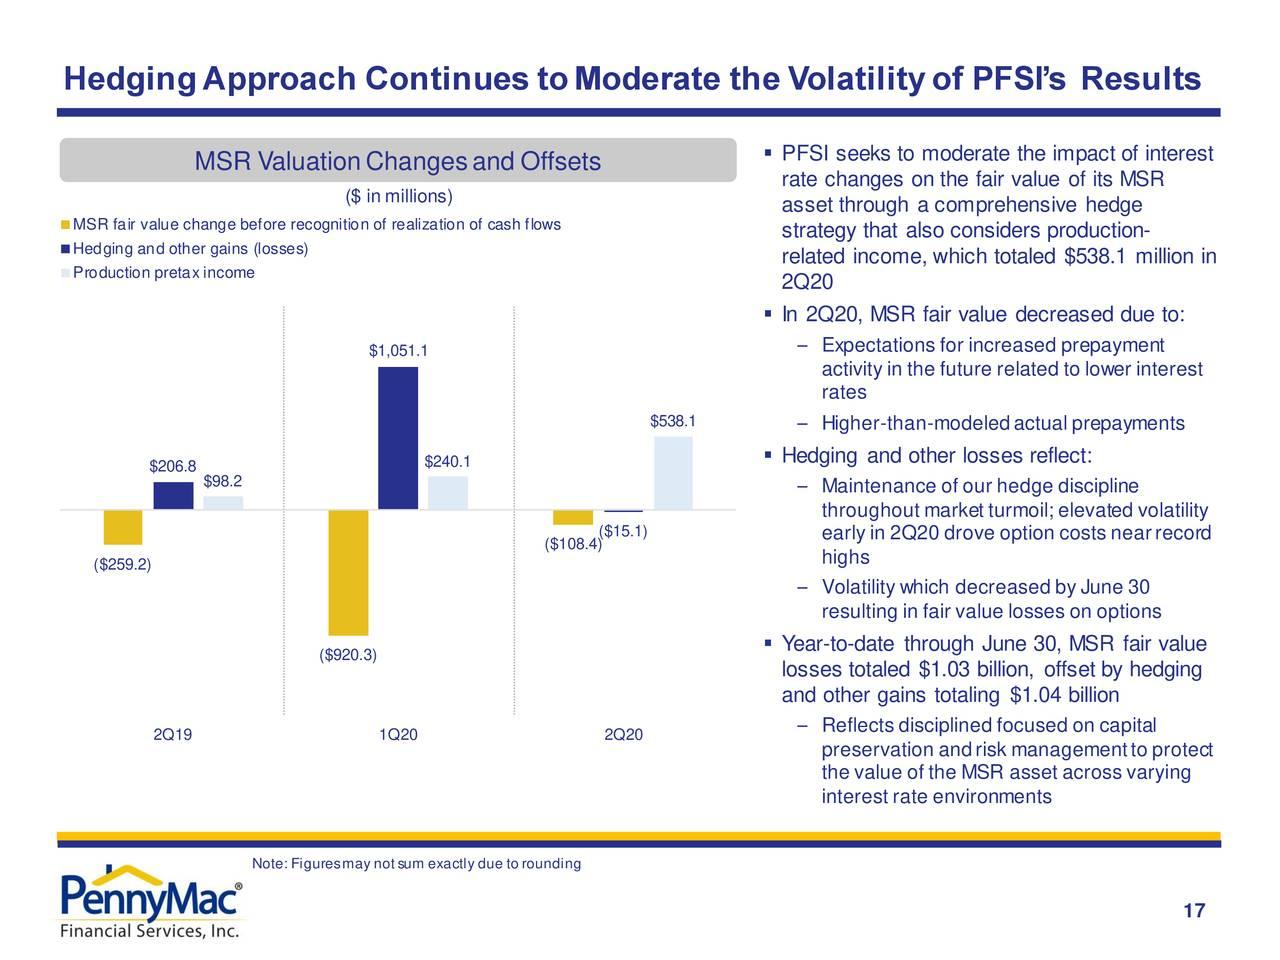 El enfoque de cobertura continúa moderando la volatilidad de los resultados de PFSI